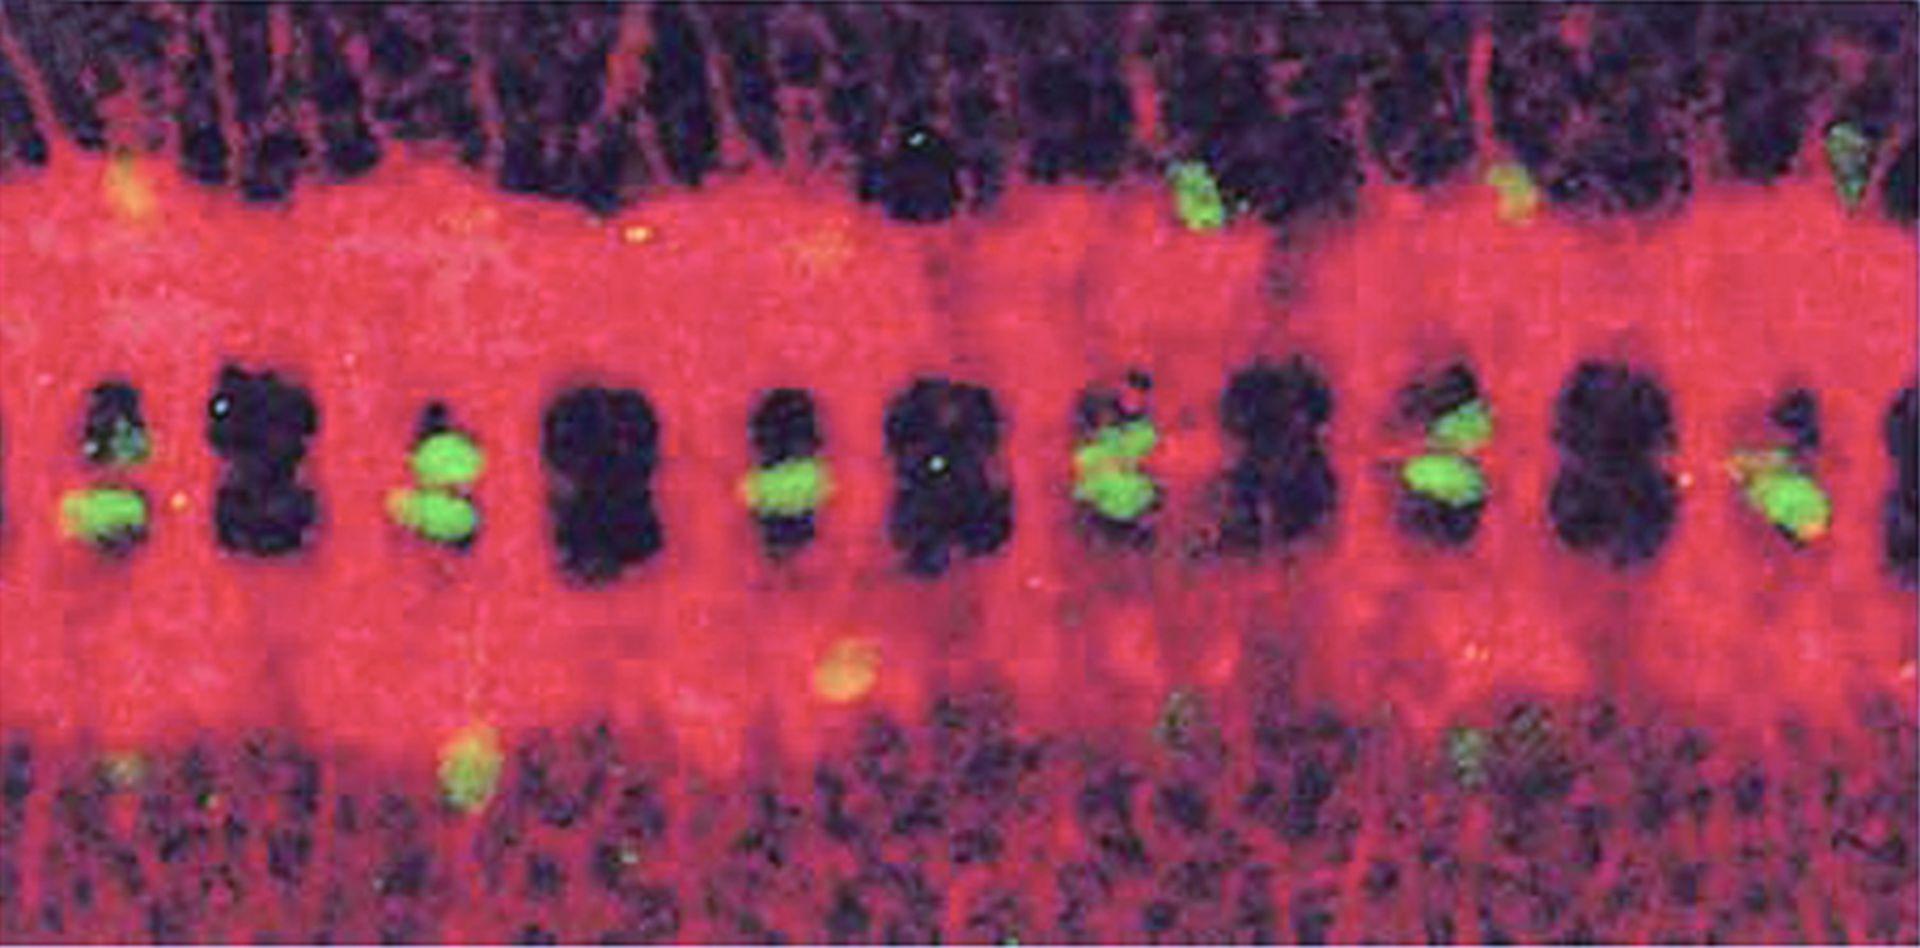 Drosophila melanogaster (Glial cell) - CIL:217